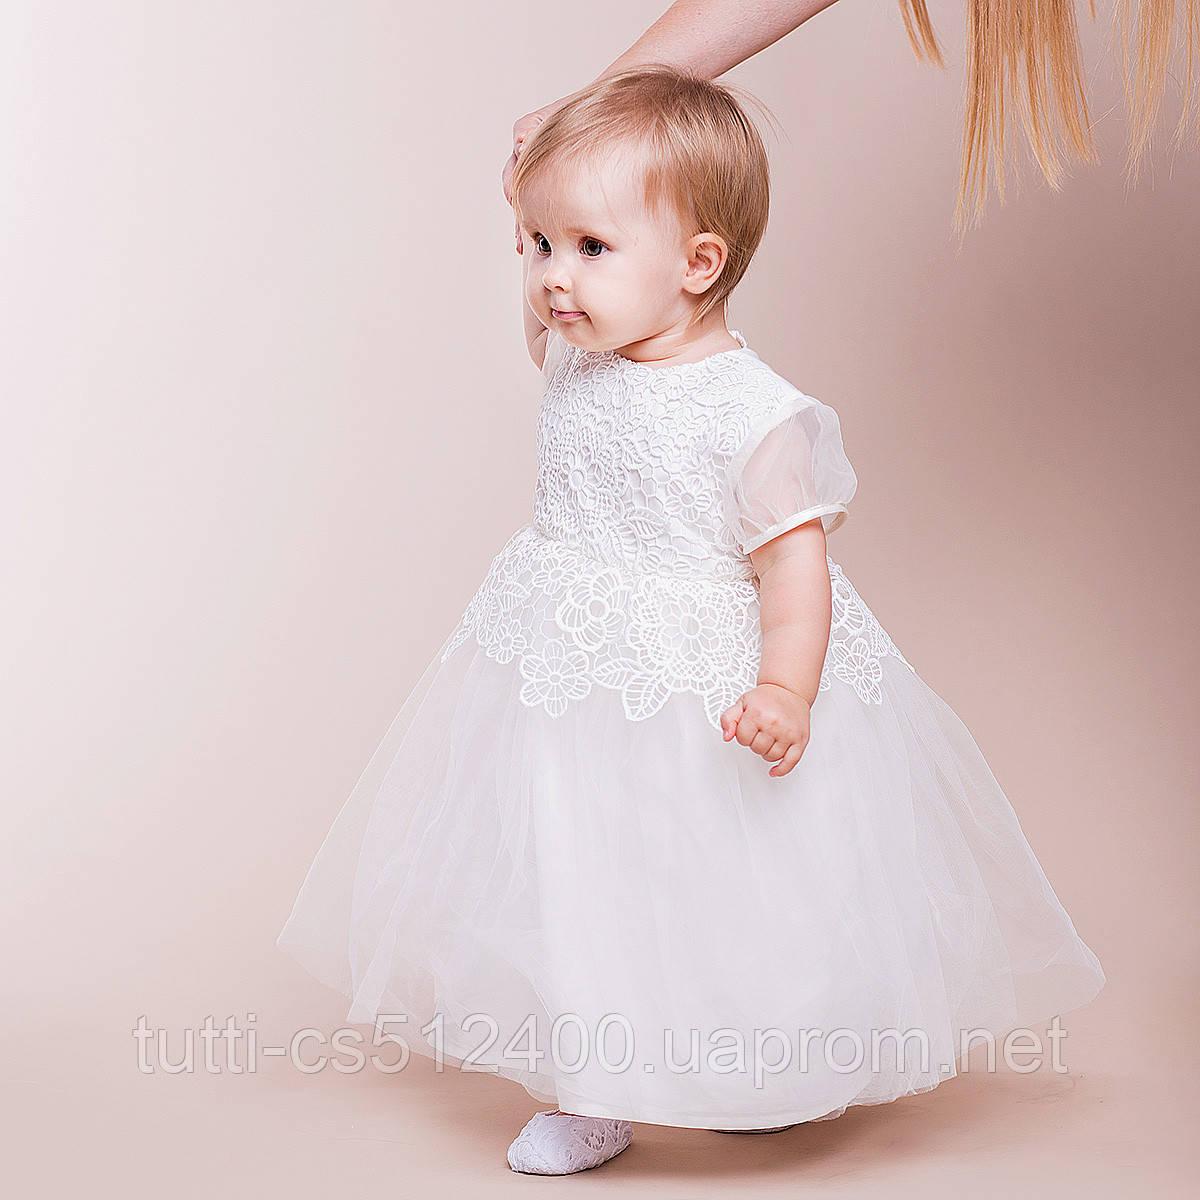 9993057dbf1 Нарядное платье Глафира от Miminobaby молочное на 3 годика - Постельное  белье в интернет-магазине